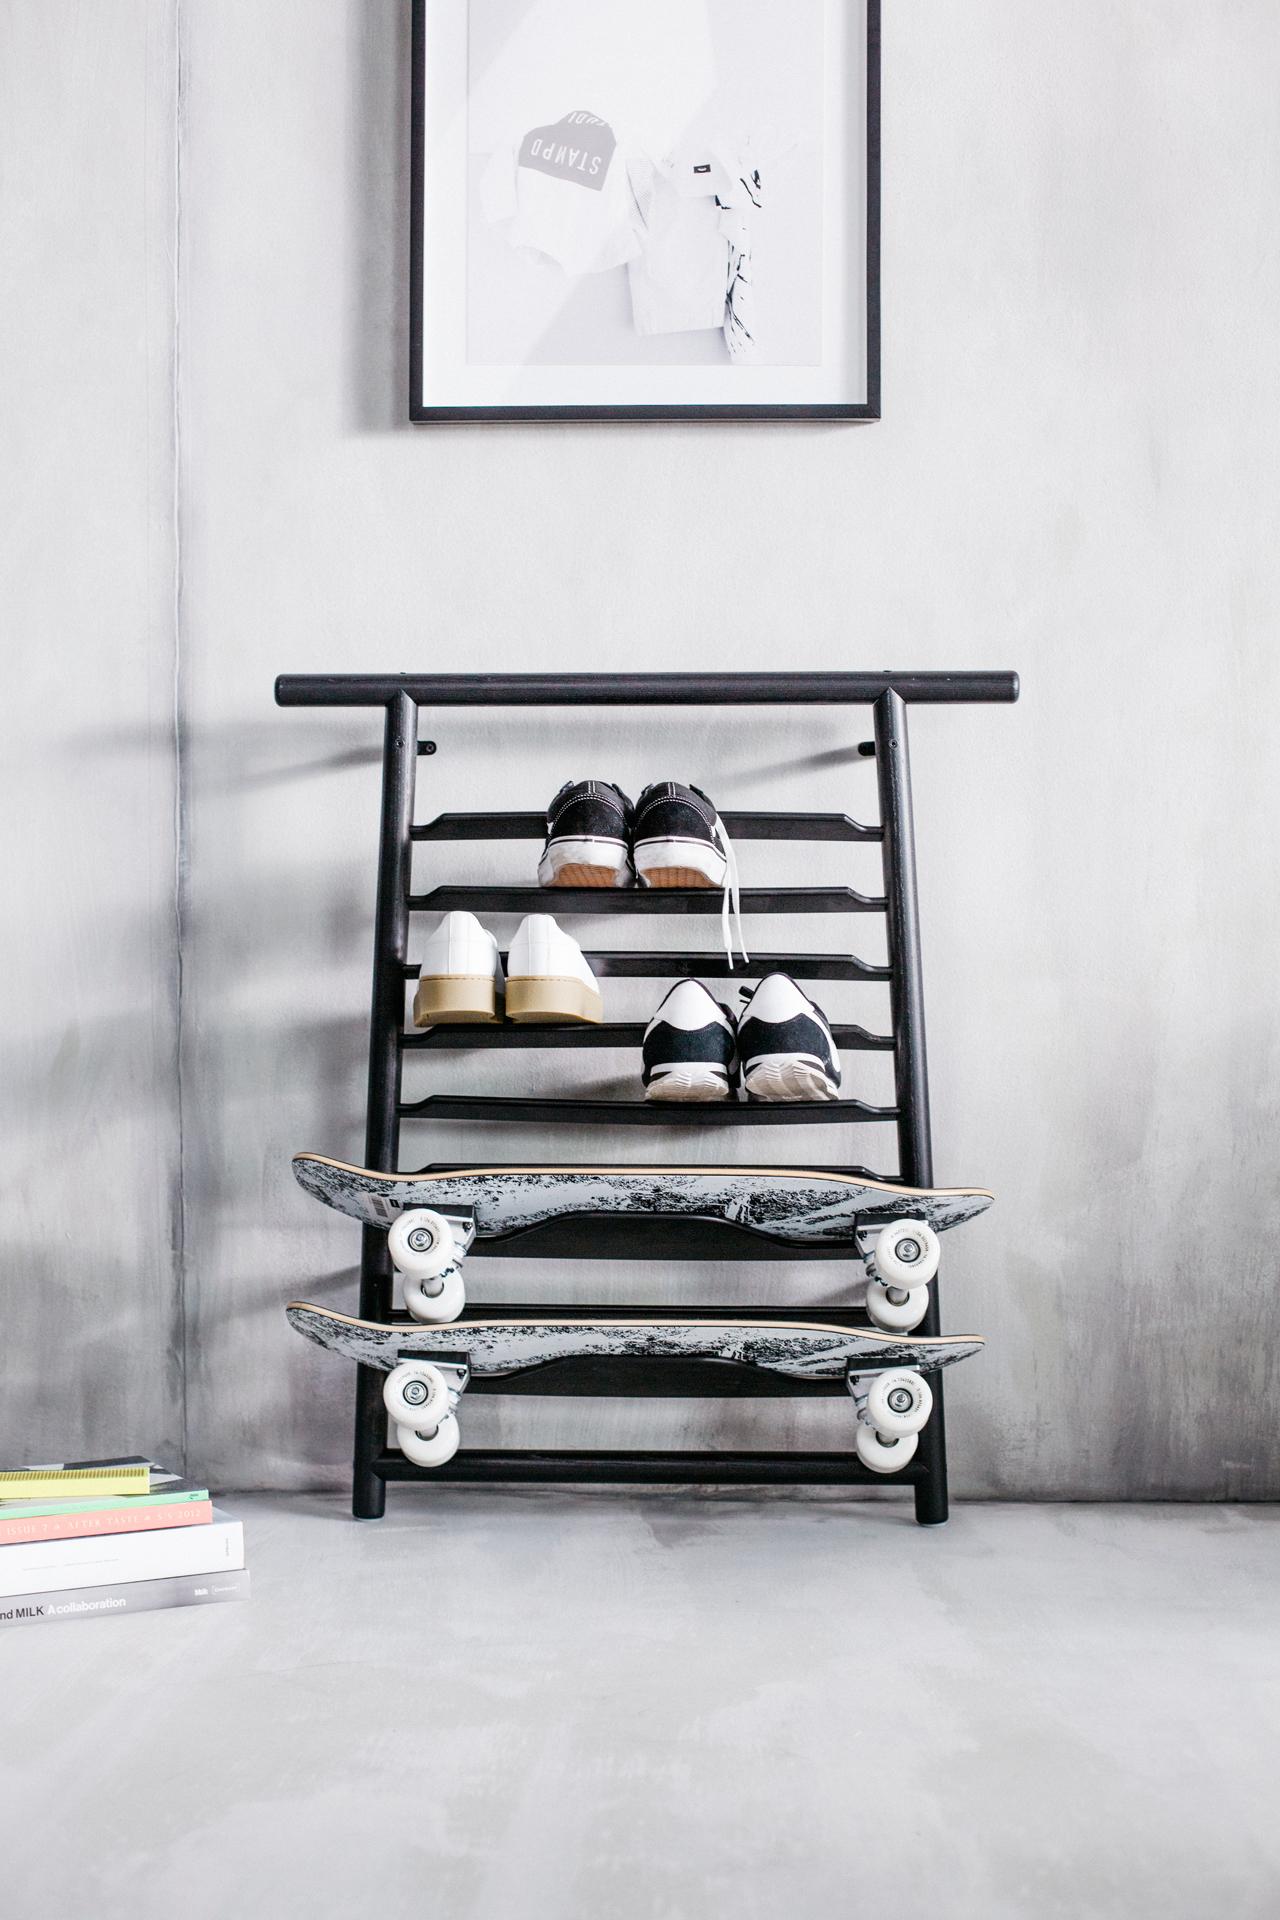 Czarna półka z butami i deskorolkami w betonowym wnętrzu.